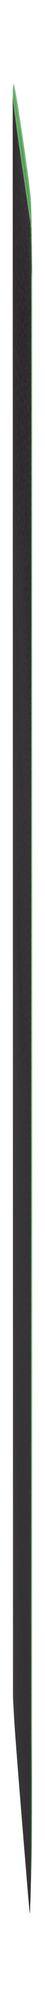 Блокнот Excentrica, черный с зеленым